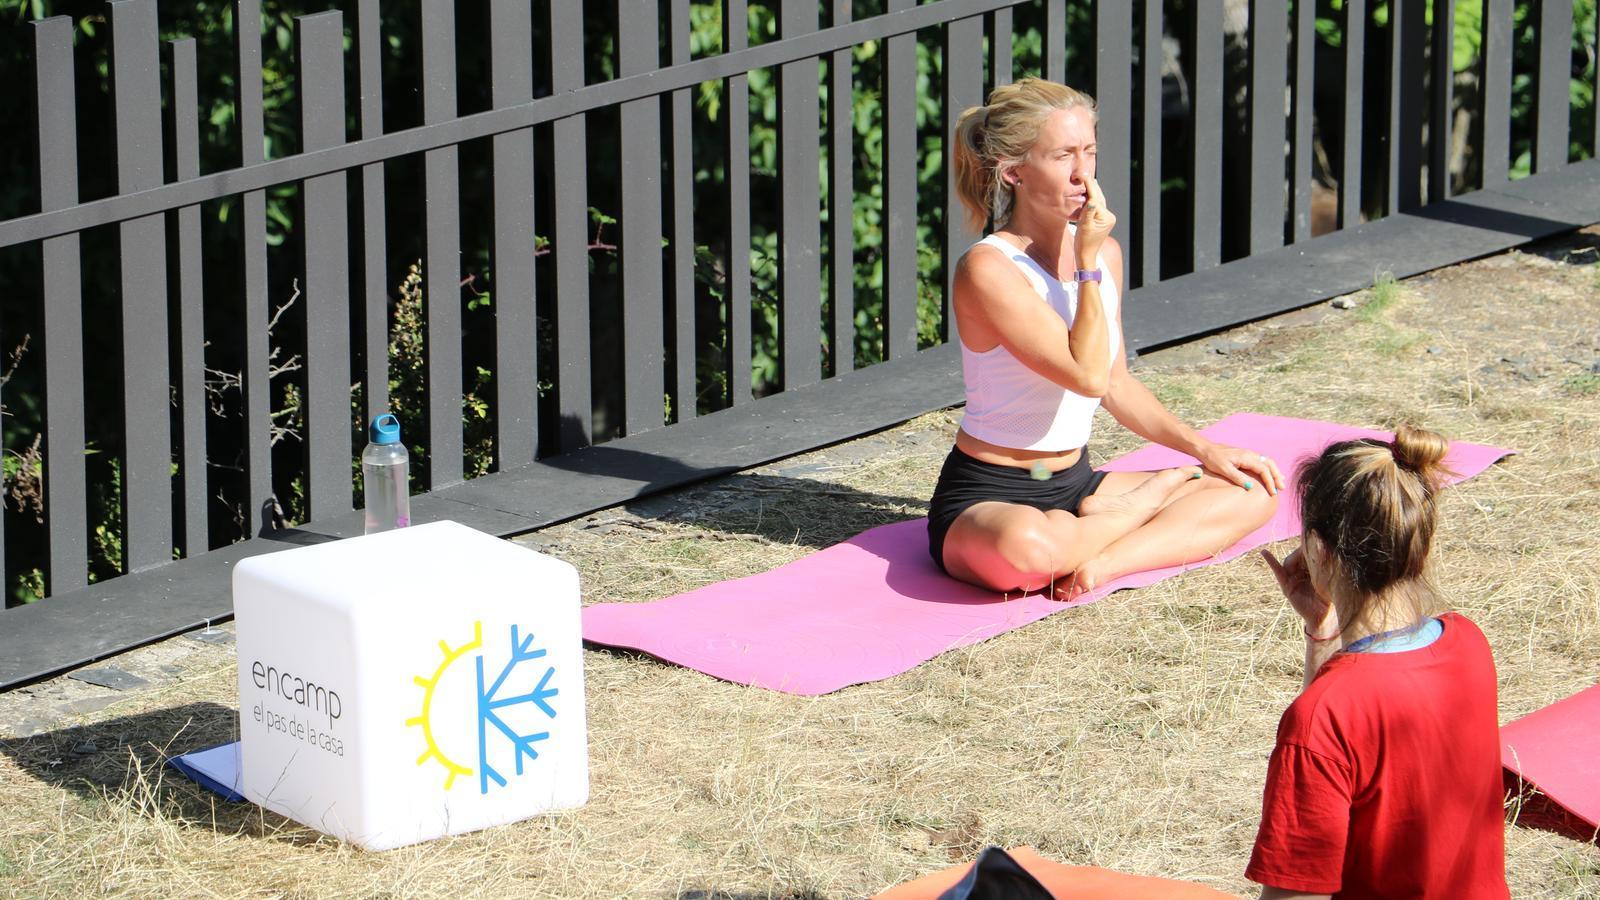 La professora Valeria Berisso, a la sessió de yoga celebrada aquest dissabte a Sant Romà de les Bons en el marc de l'activitat Esport a l'aire lliure del comú d'Encamp. / A.M. (ANA)